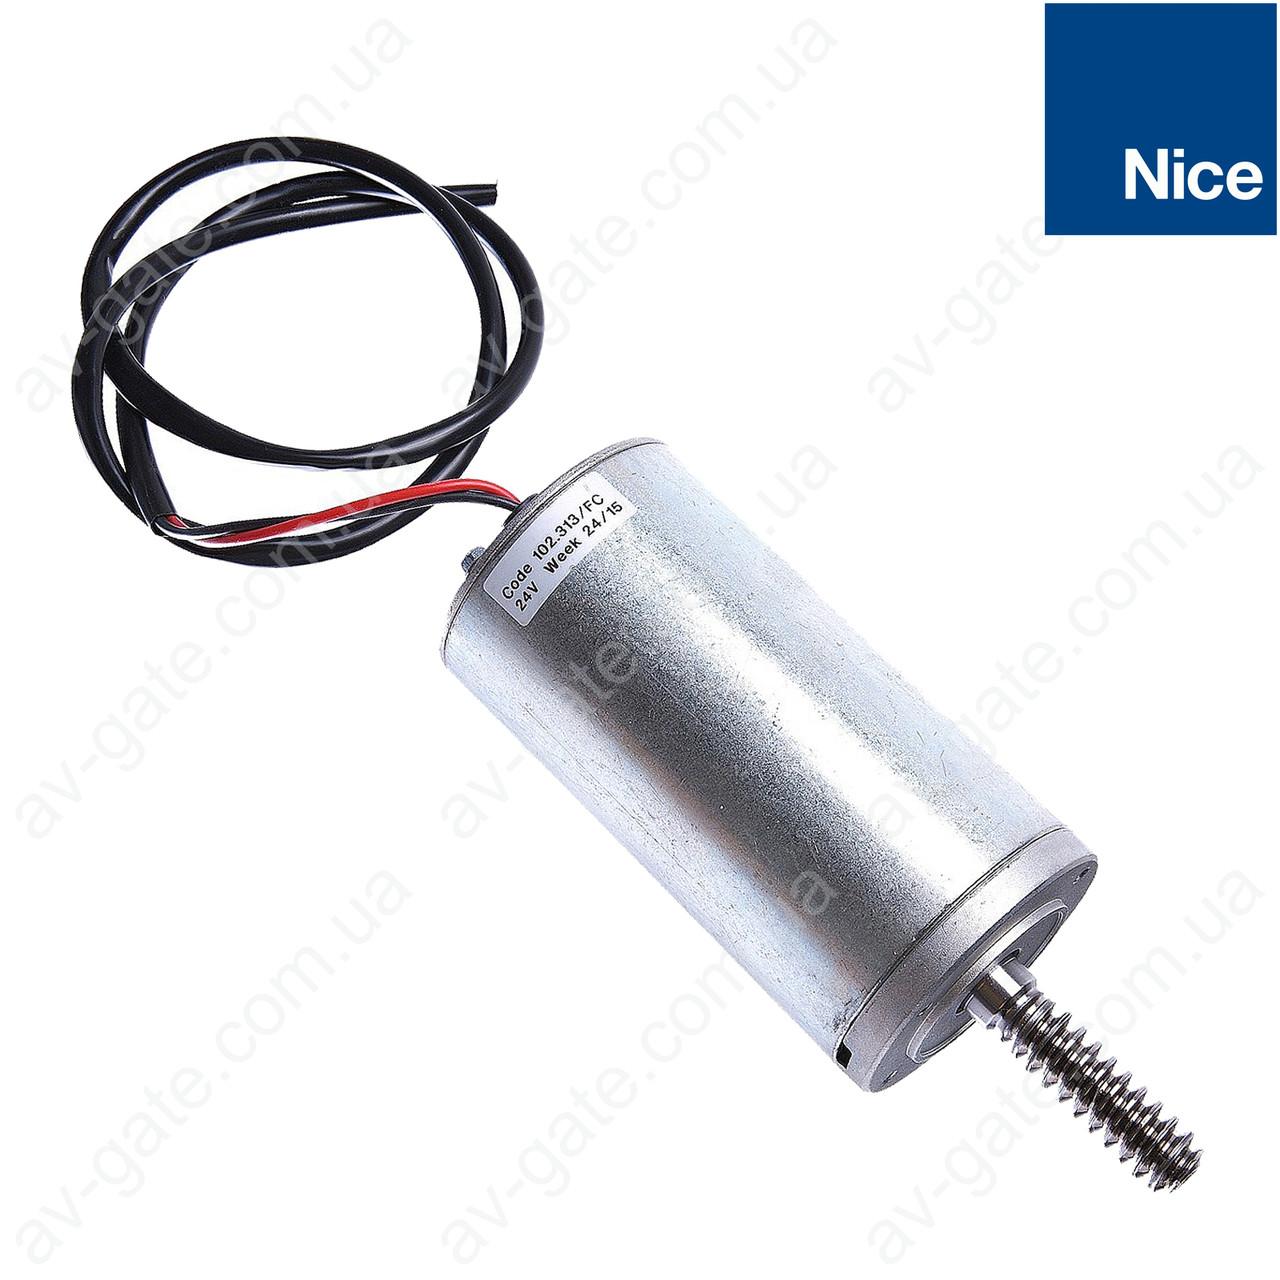 Электродвигатель WIL 6 / WIDE L Nice WA01R06